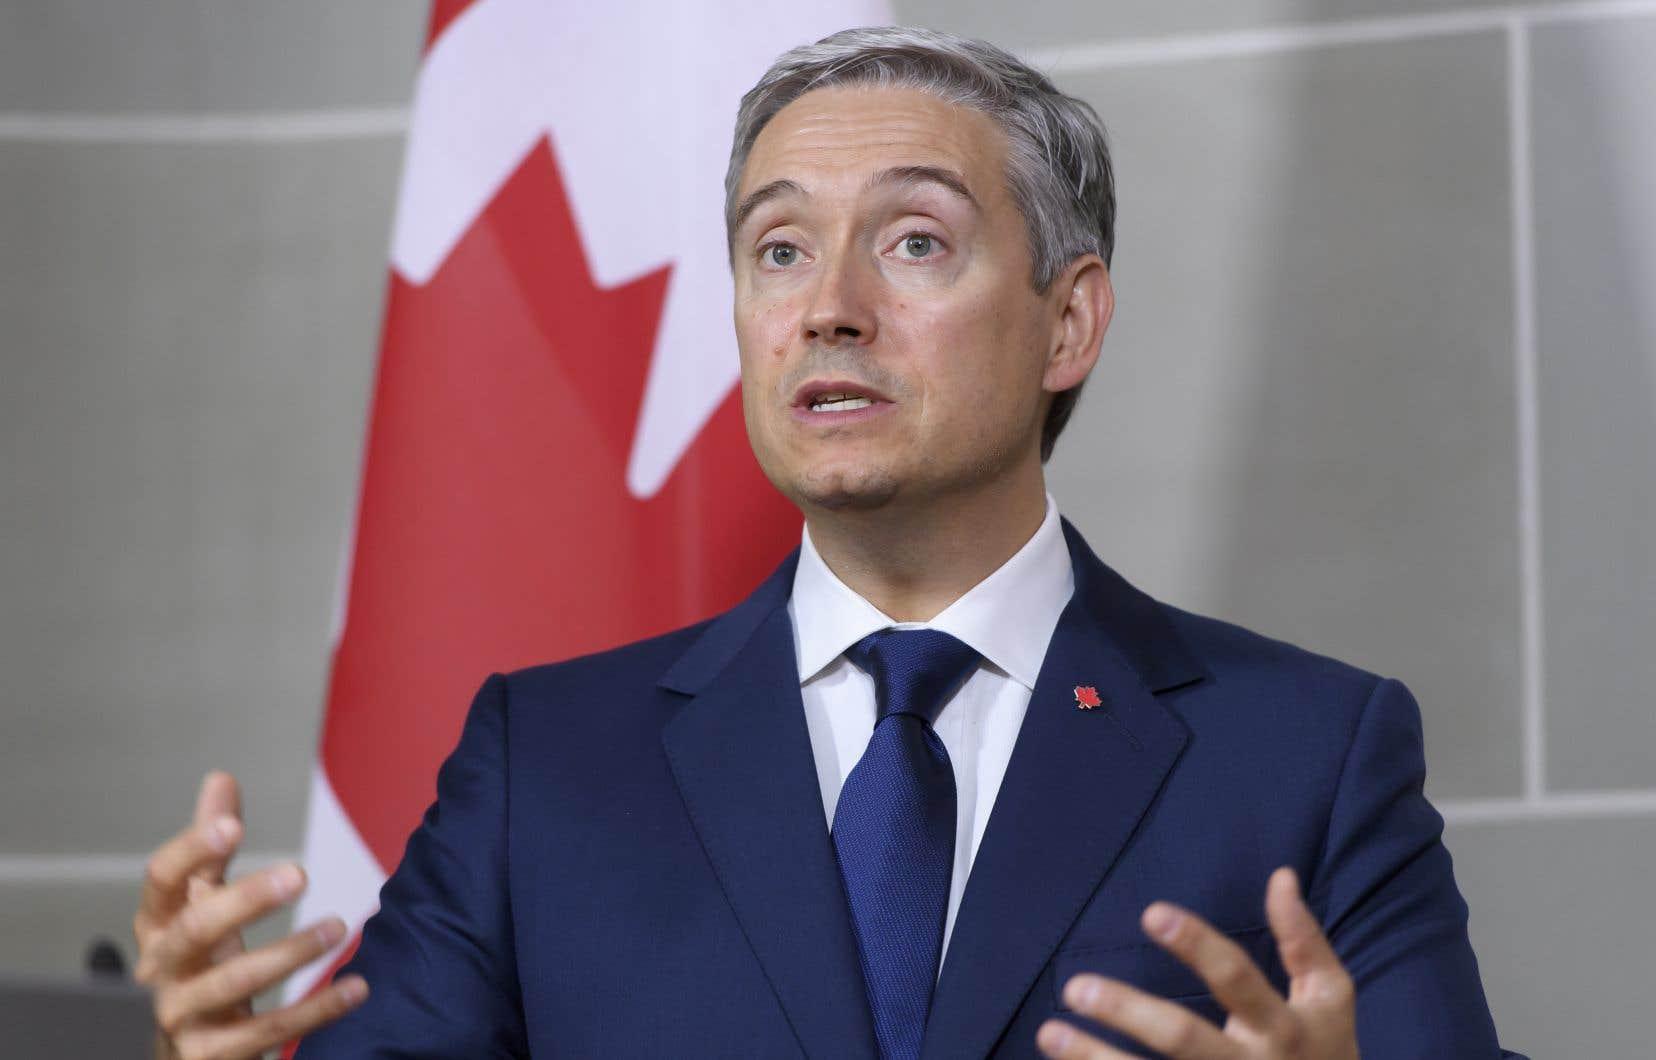 En entrevue, le ministre des Affaires étrangères, François-Philippe Champagne, a déclaré ne pas s'inquiéter de la position du Canada sur les enjeux autochtones domestiques.